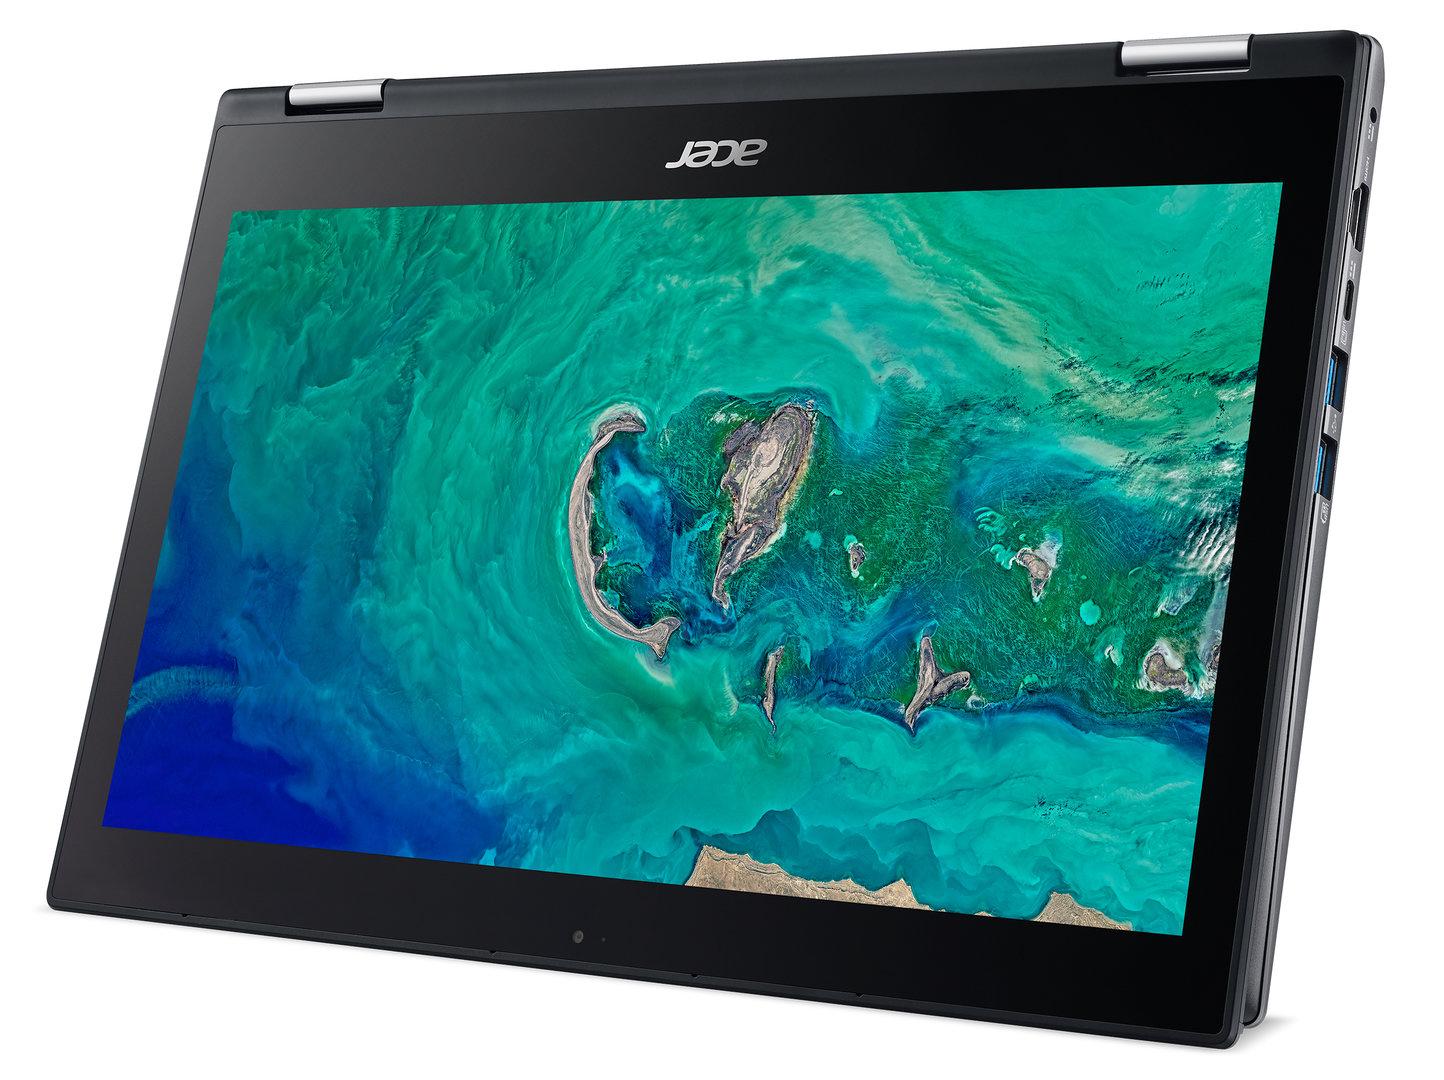 Das neue Acer Spin 5 (2017) mit 13,3 Zoll